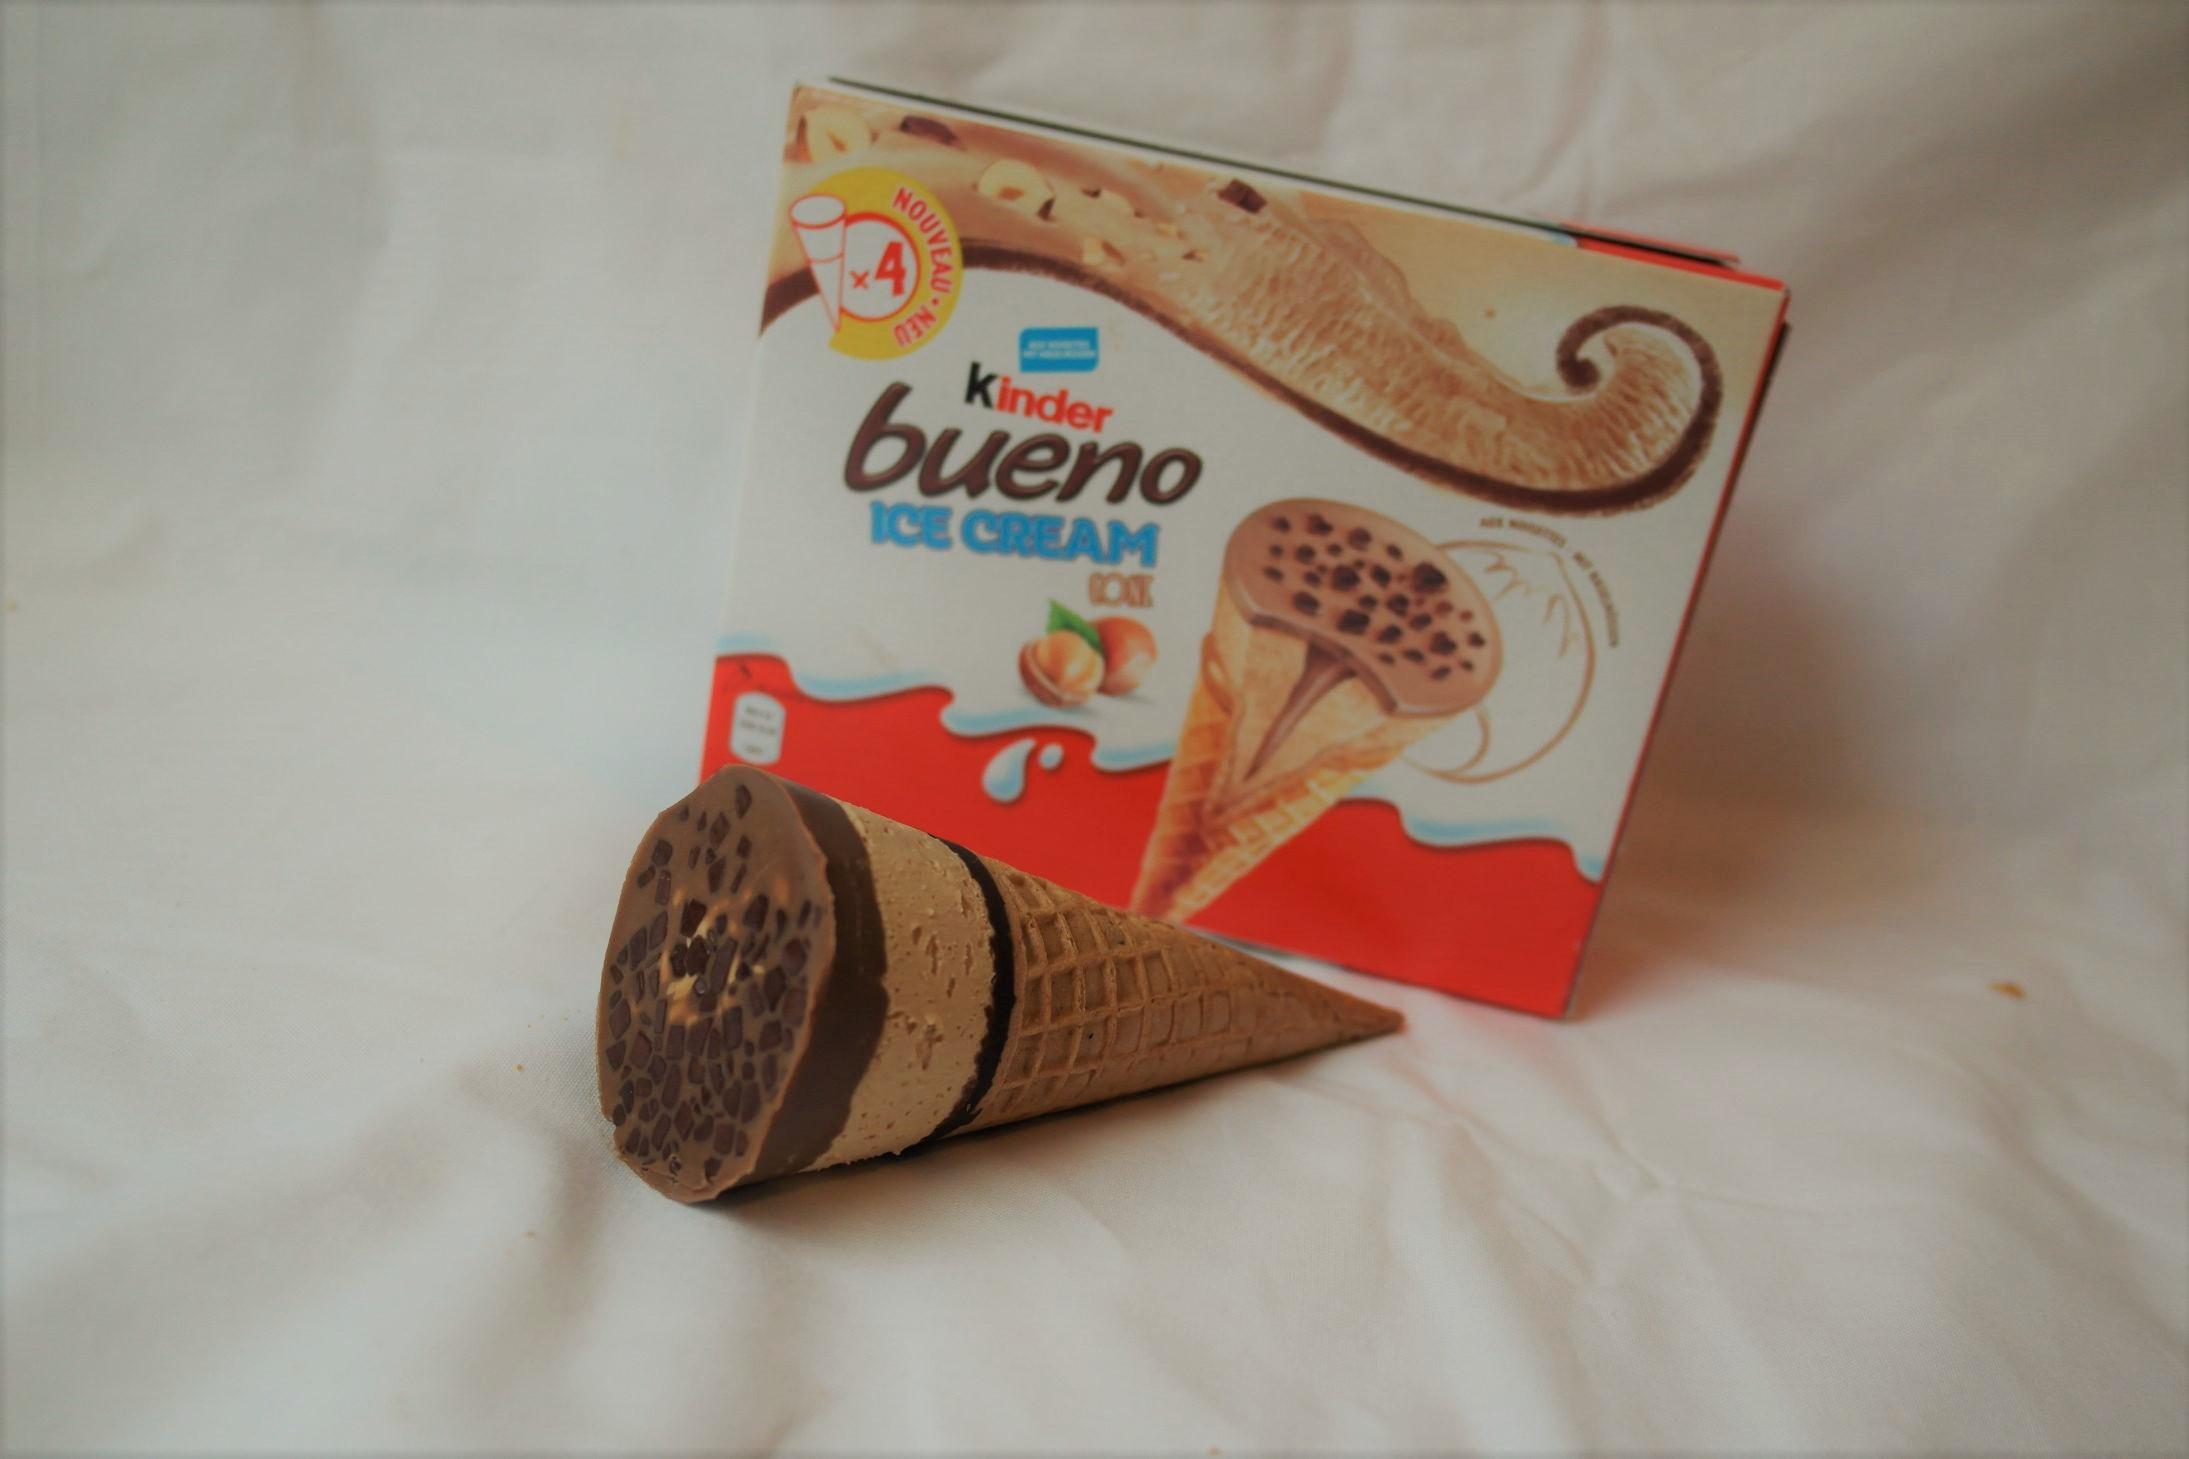 KINDER Eis! Sandwich, Stieleis, Bueno-Hörnchen! Der Test